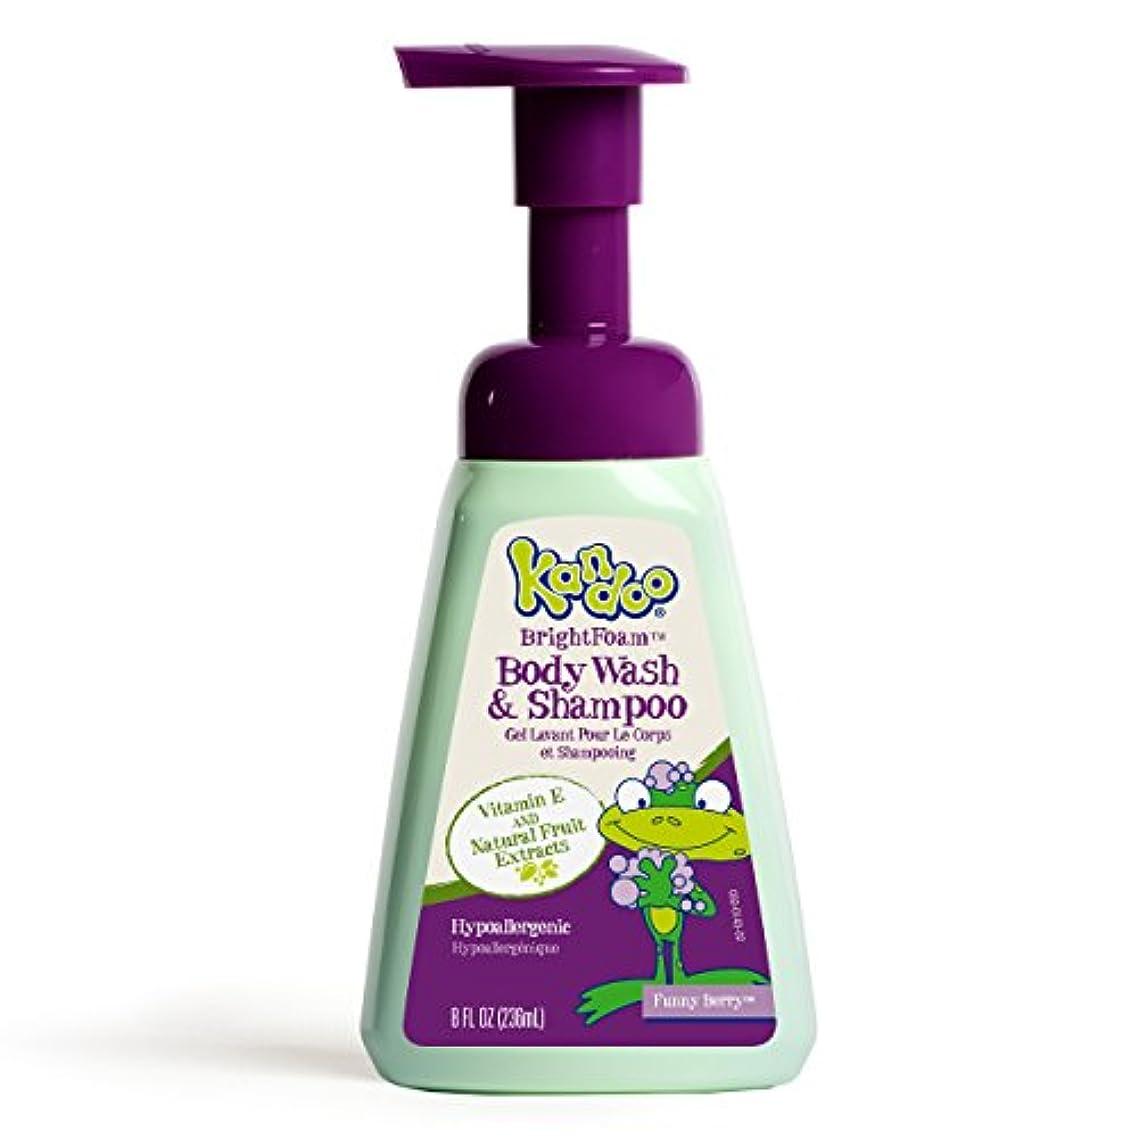 執着アメリカ献身Kandoo BrightFoam Body Wash, Funny Berry Scent, 8.4 Fluid Ounce by Kandoo